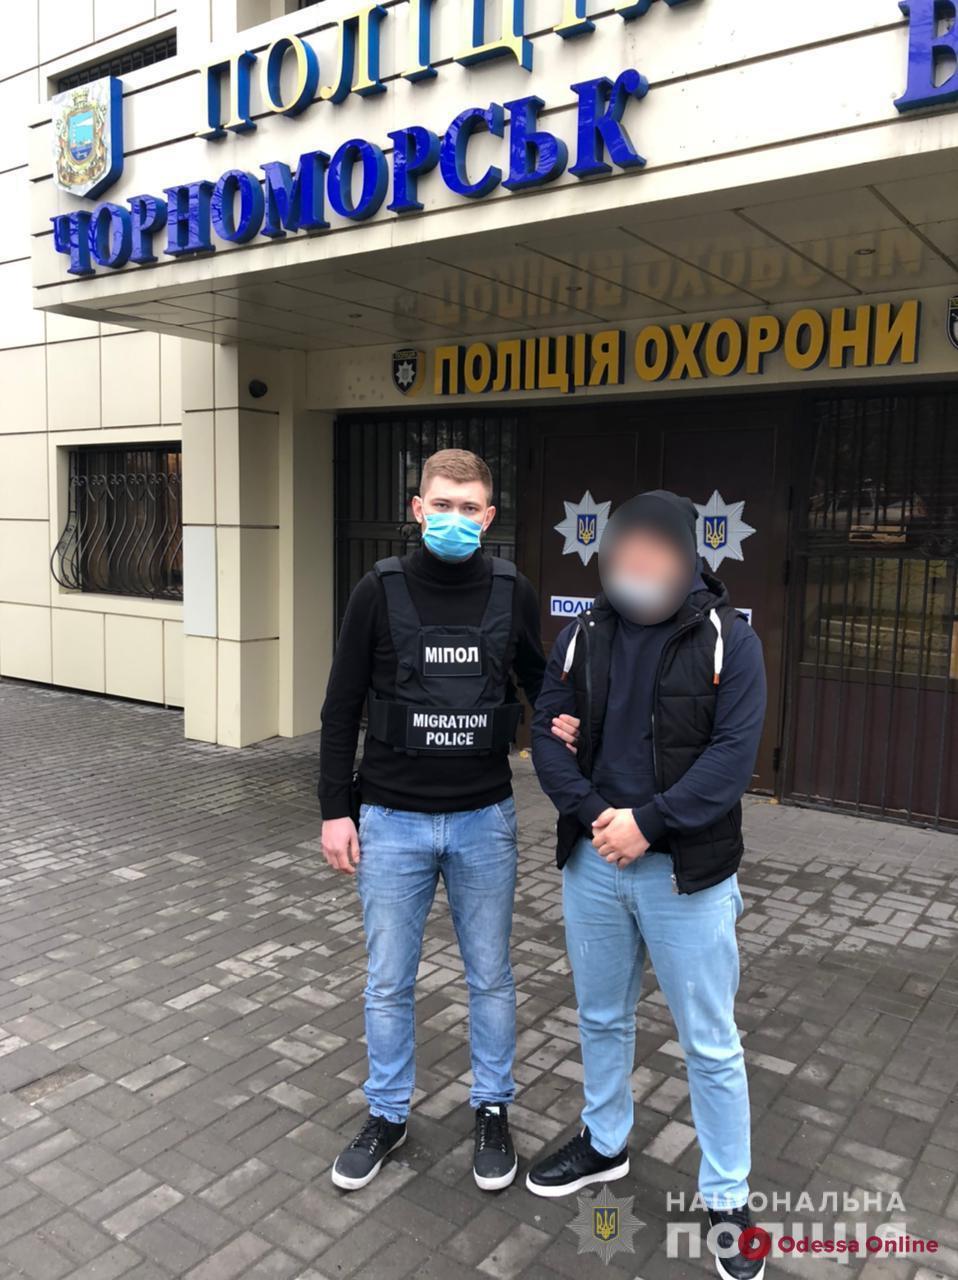 В Черноморске полицейские задержали иностранца, находящегося в розыске